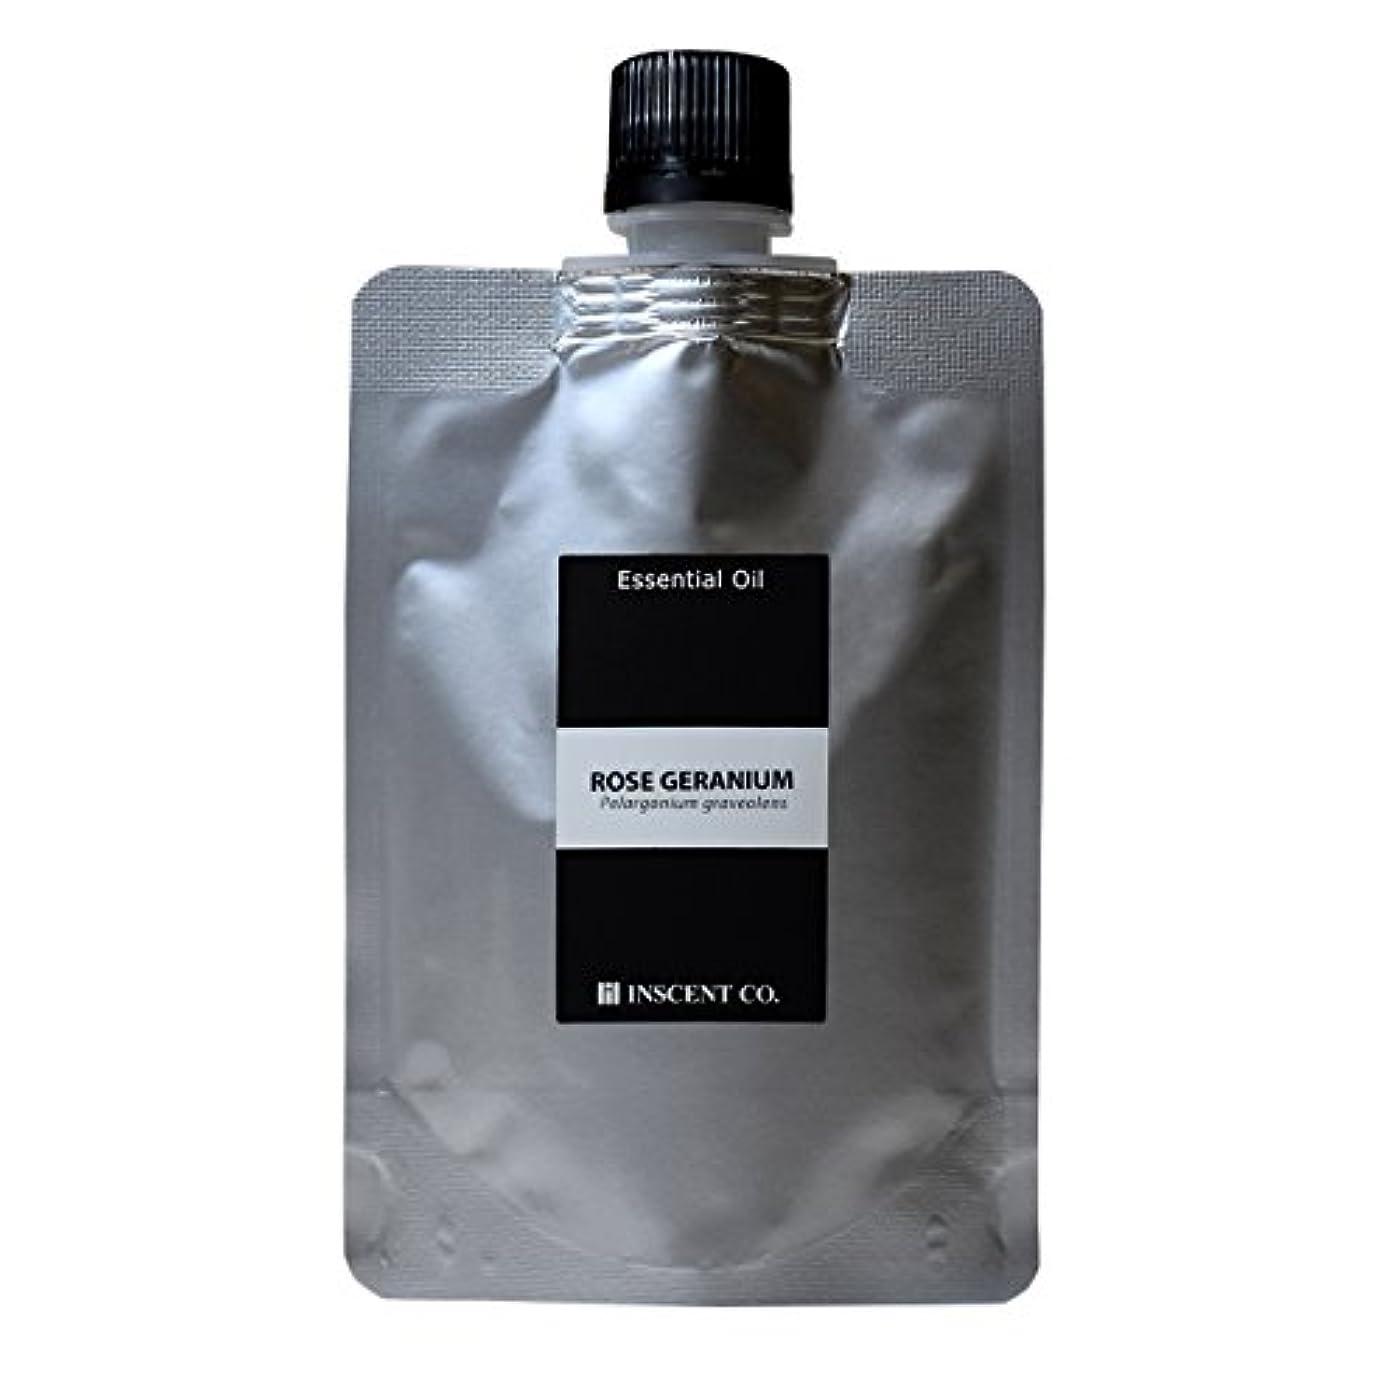 学んだ差し控える聡明(詰替用 アルミパック) ローズゼラニウム 50ml インセント アロマオイル AEAJ 表示基準適合認定精油